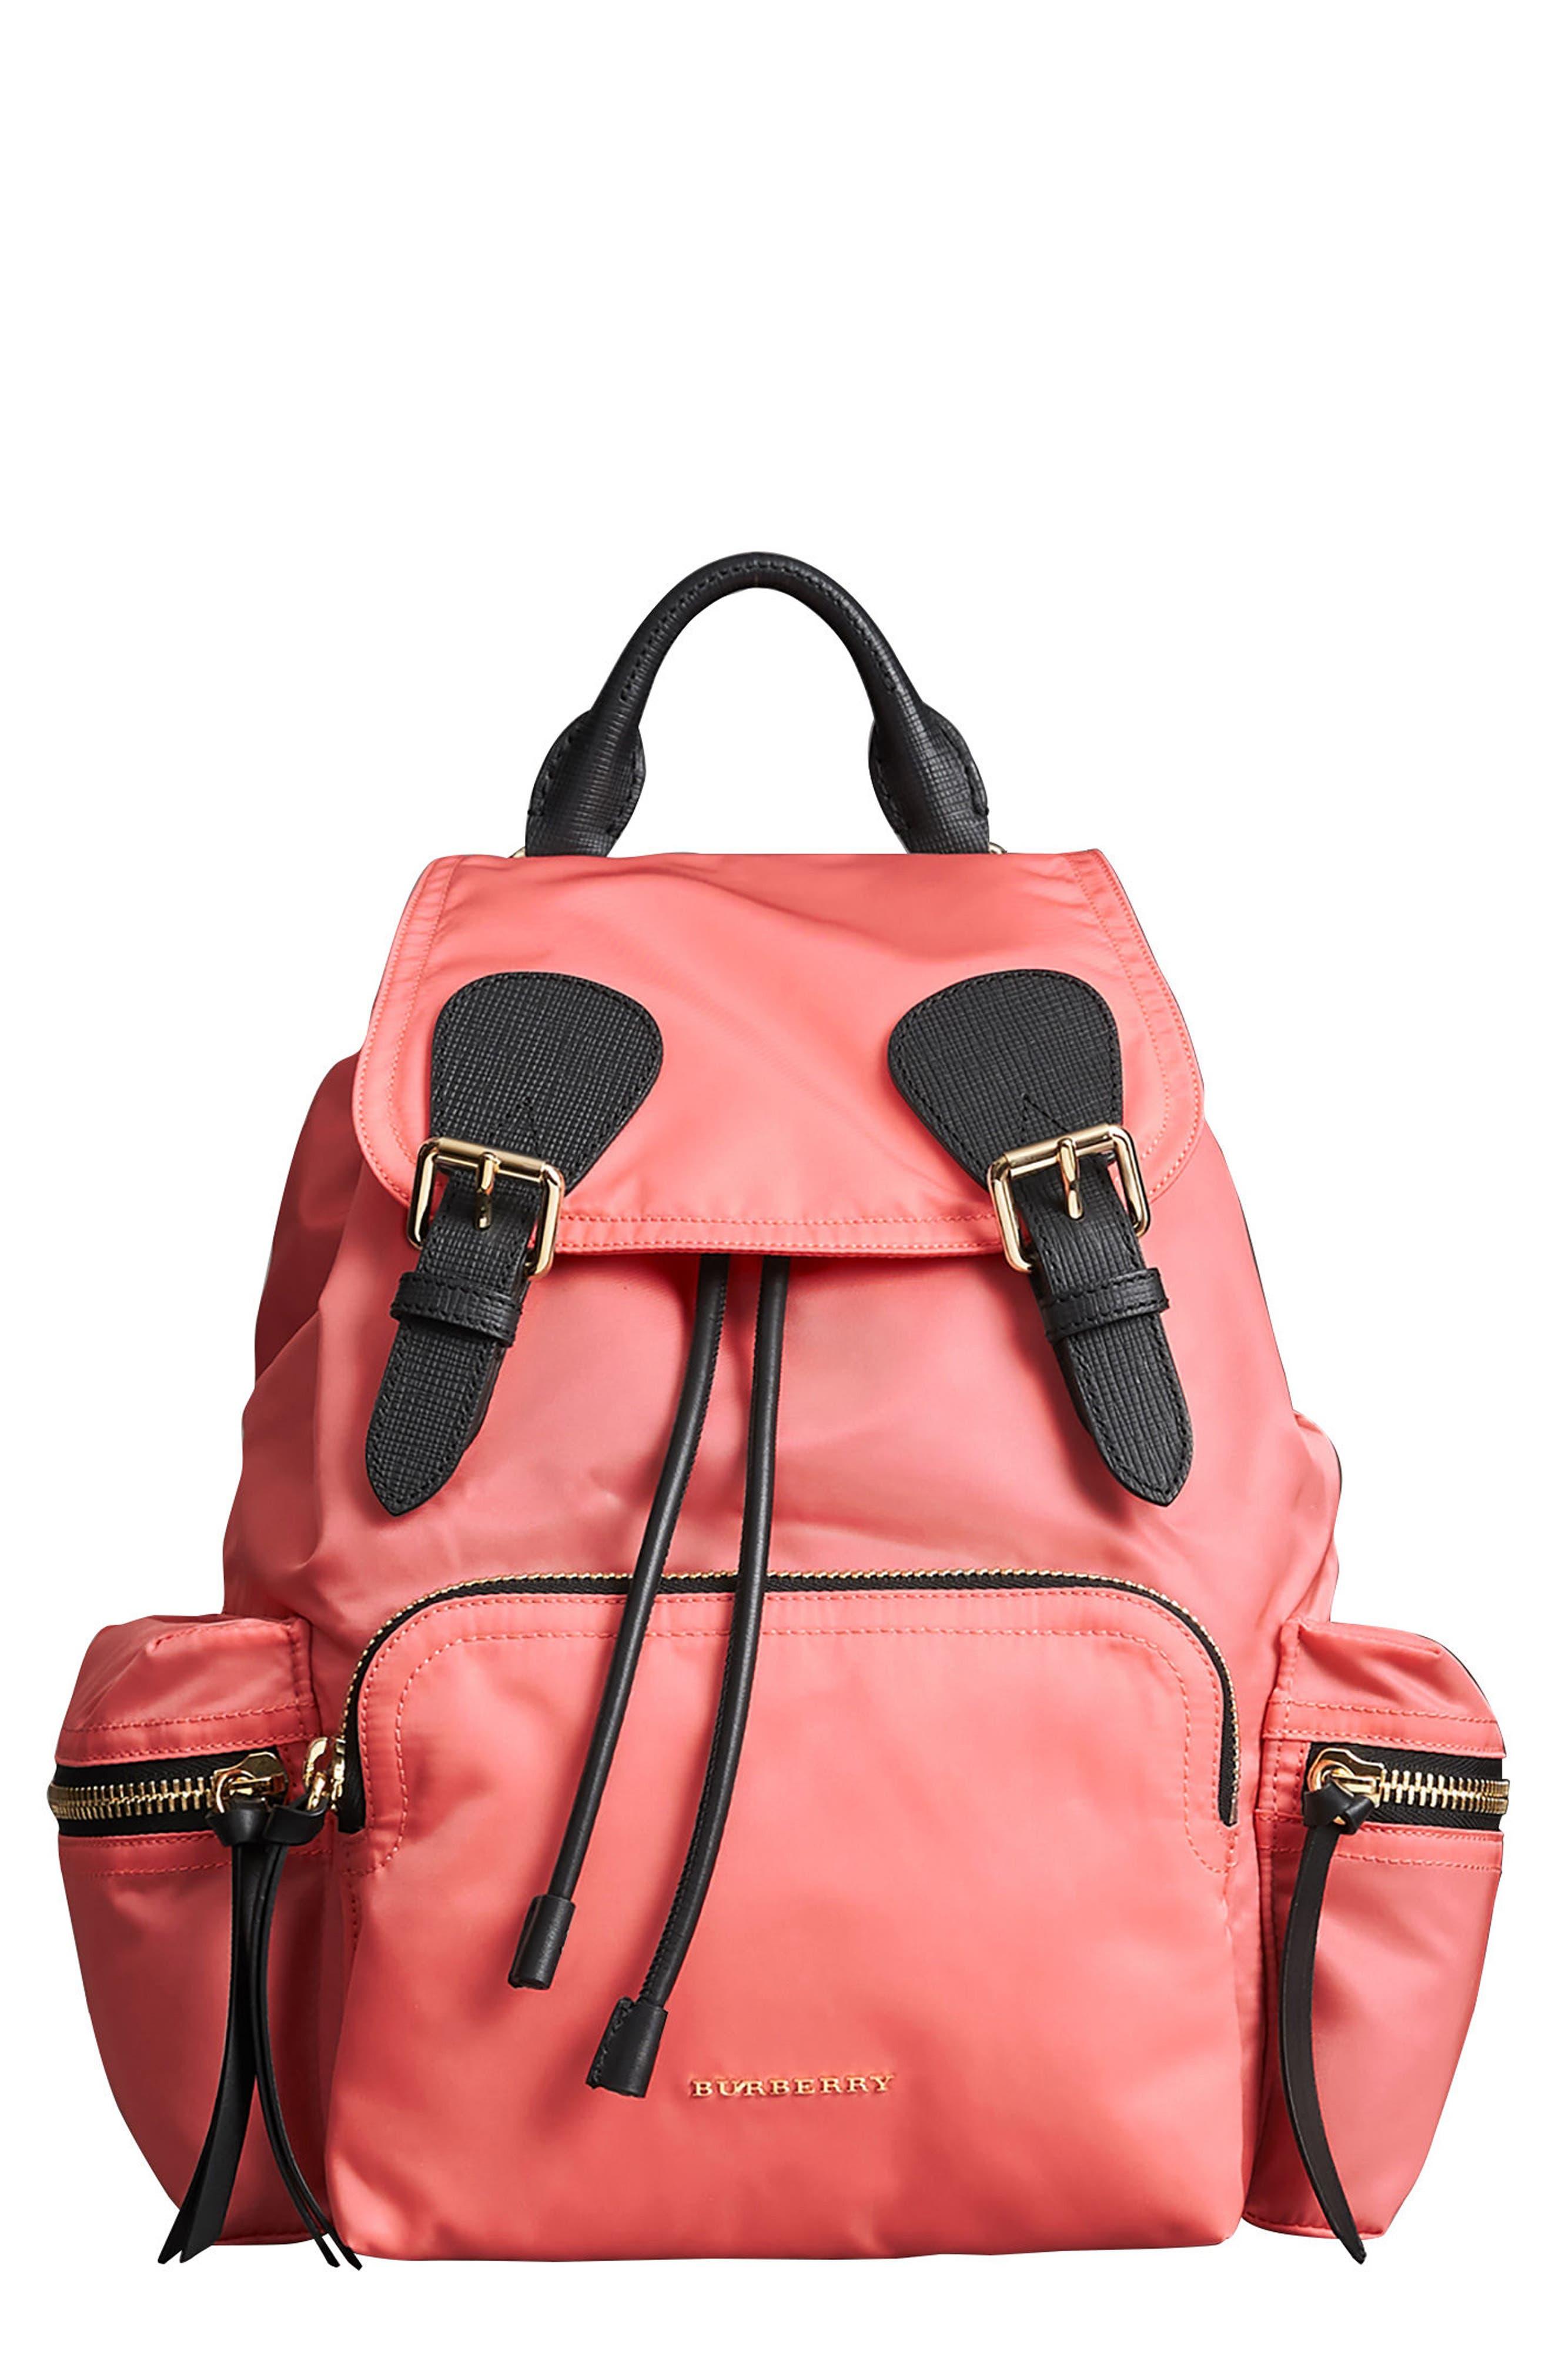 Medium Rucksack Nylon Backpack,                             Main thumbnail 1, color,                             Bright Coral Pink